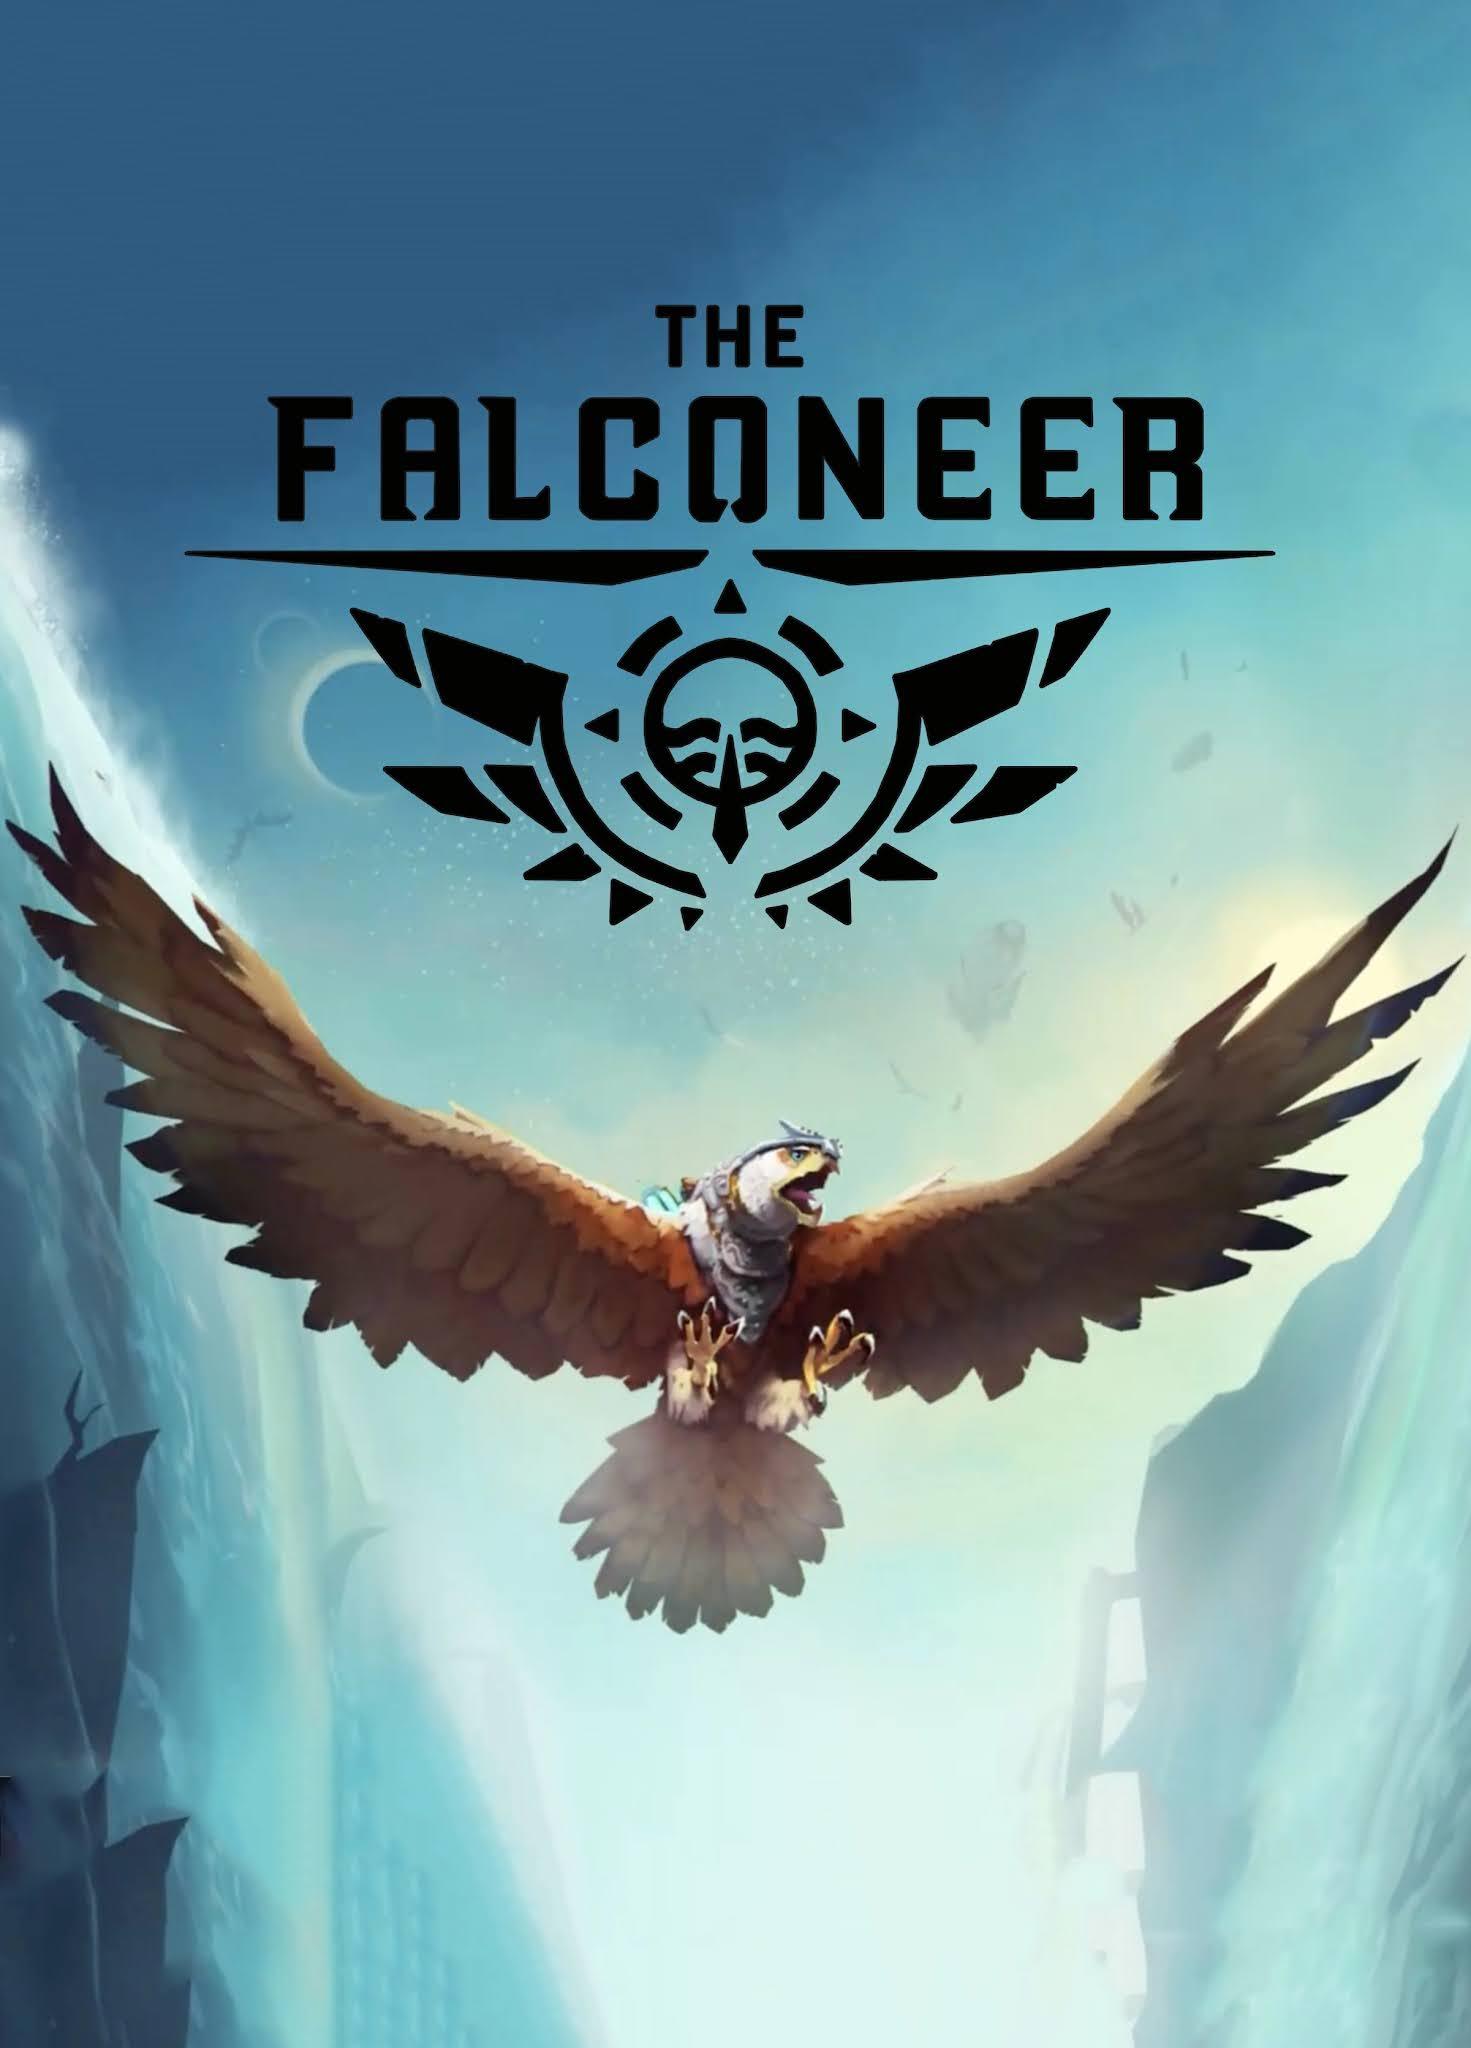 Baixar The Falconeer Torrent (PC)